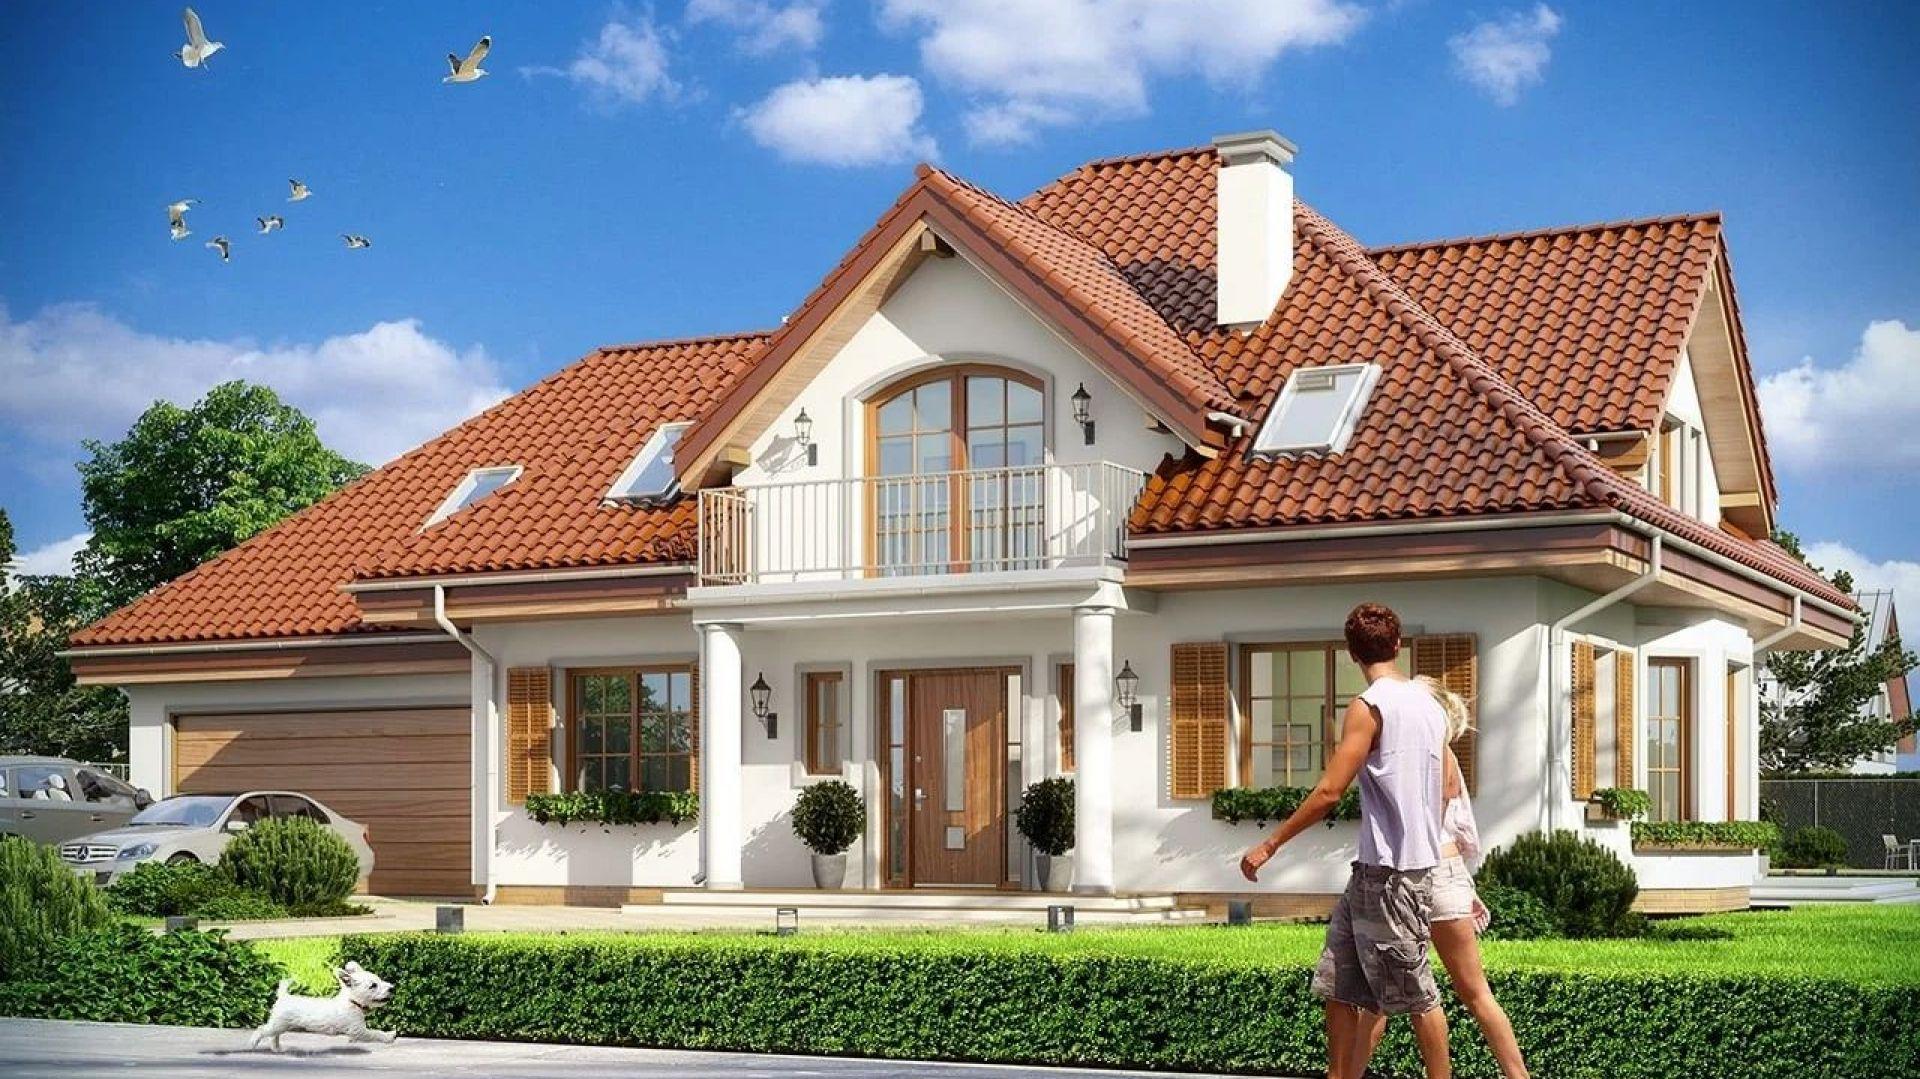 Projekt domu Ofelia ma ładną, reprezentacyjną bryłę z frontowym gankiem i dużą lukarną z balkonem nad drzwiami. Projekt: arch. Michał Gąsiorowski. Fot. MG Projekt